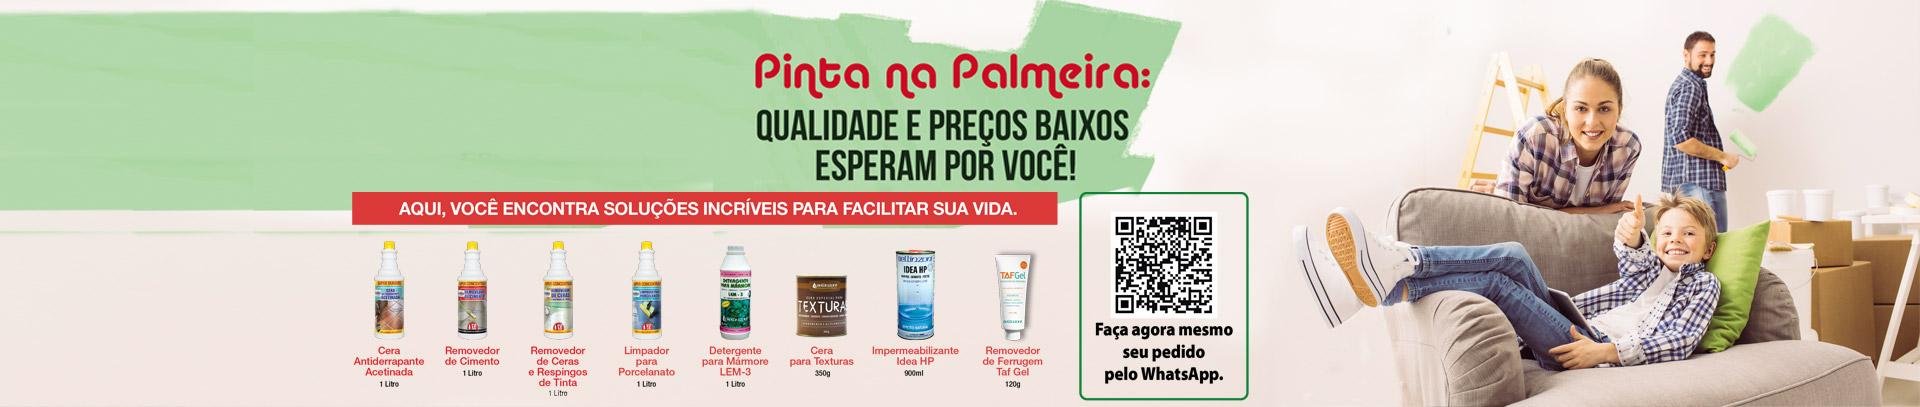 palm1604_005